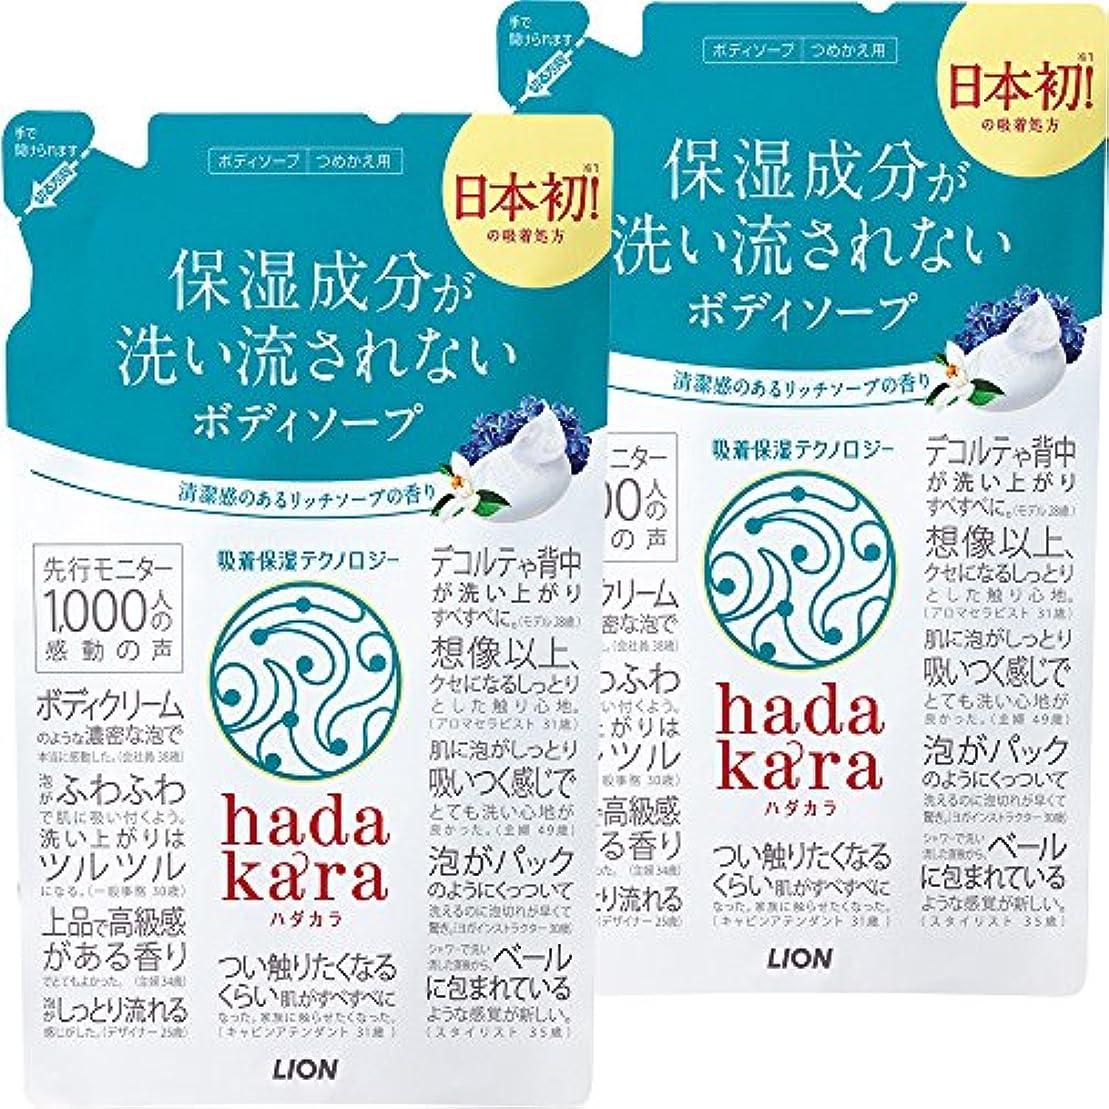 嬉しいです油モニカ【まとめ買い】hadakara(ハダカラ) ボディソープ リッチソープの香り 詰め替え 360ml×2個パック